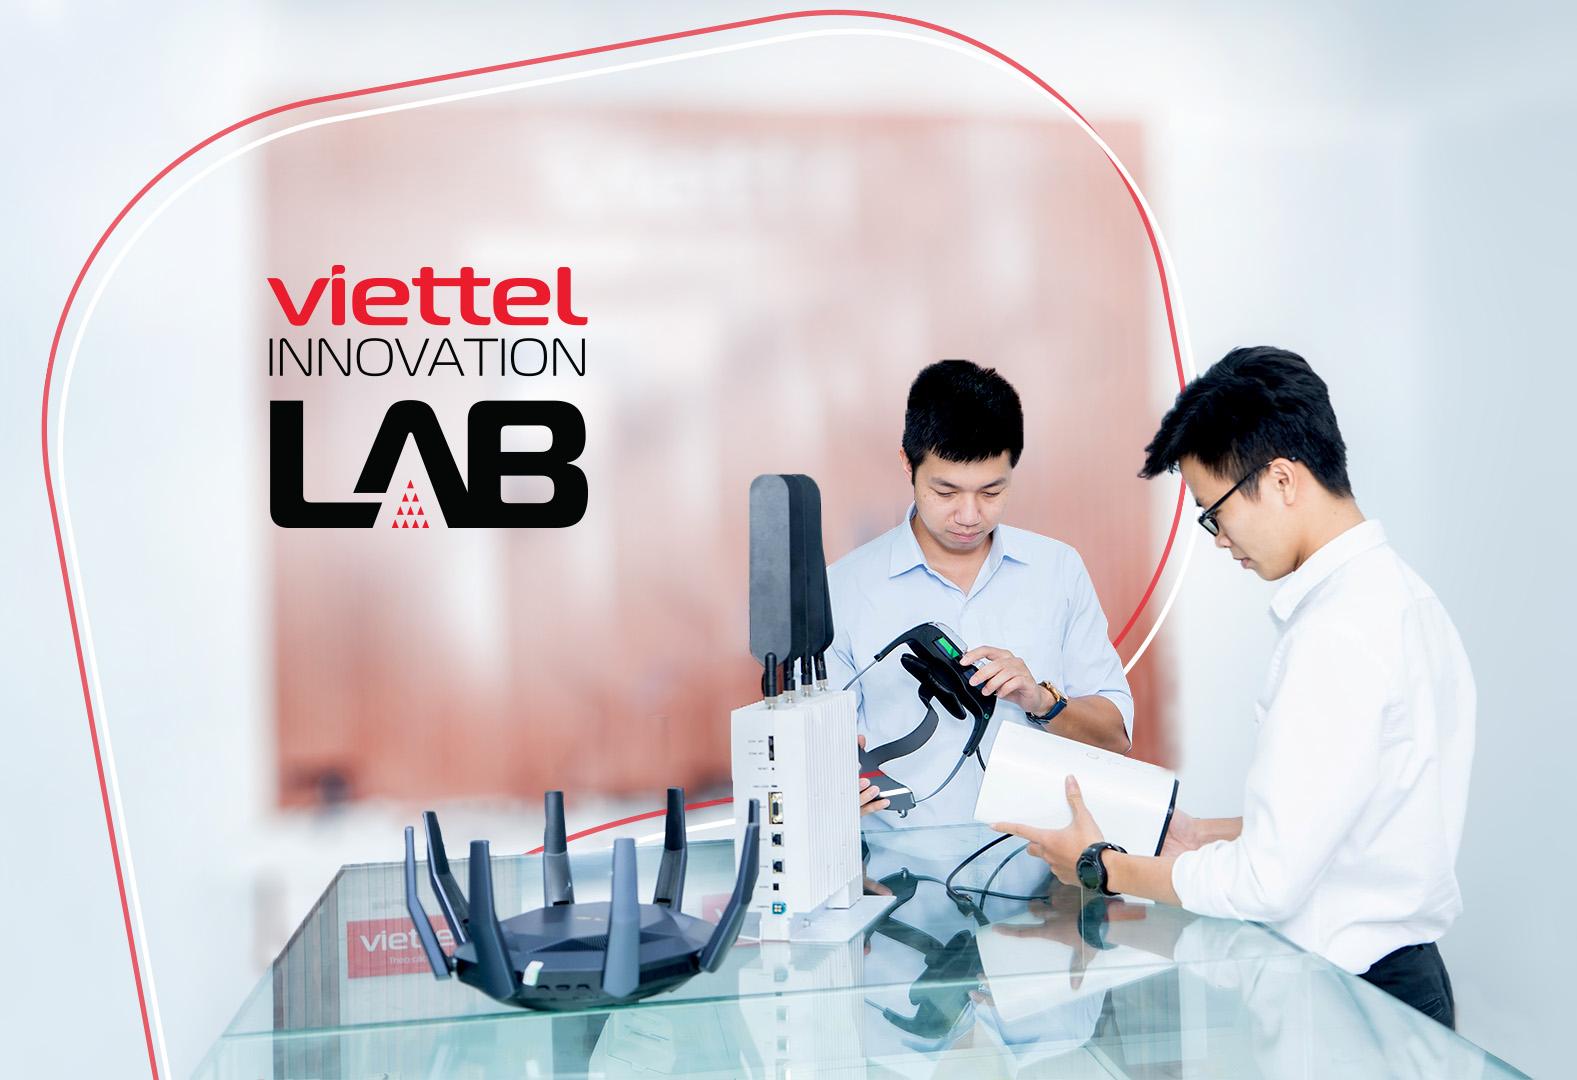 Phòng Lab của Viettel đạt tiêu chuẩn quốc tế